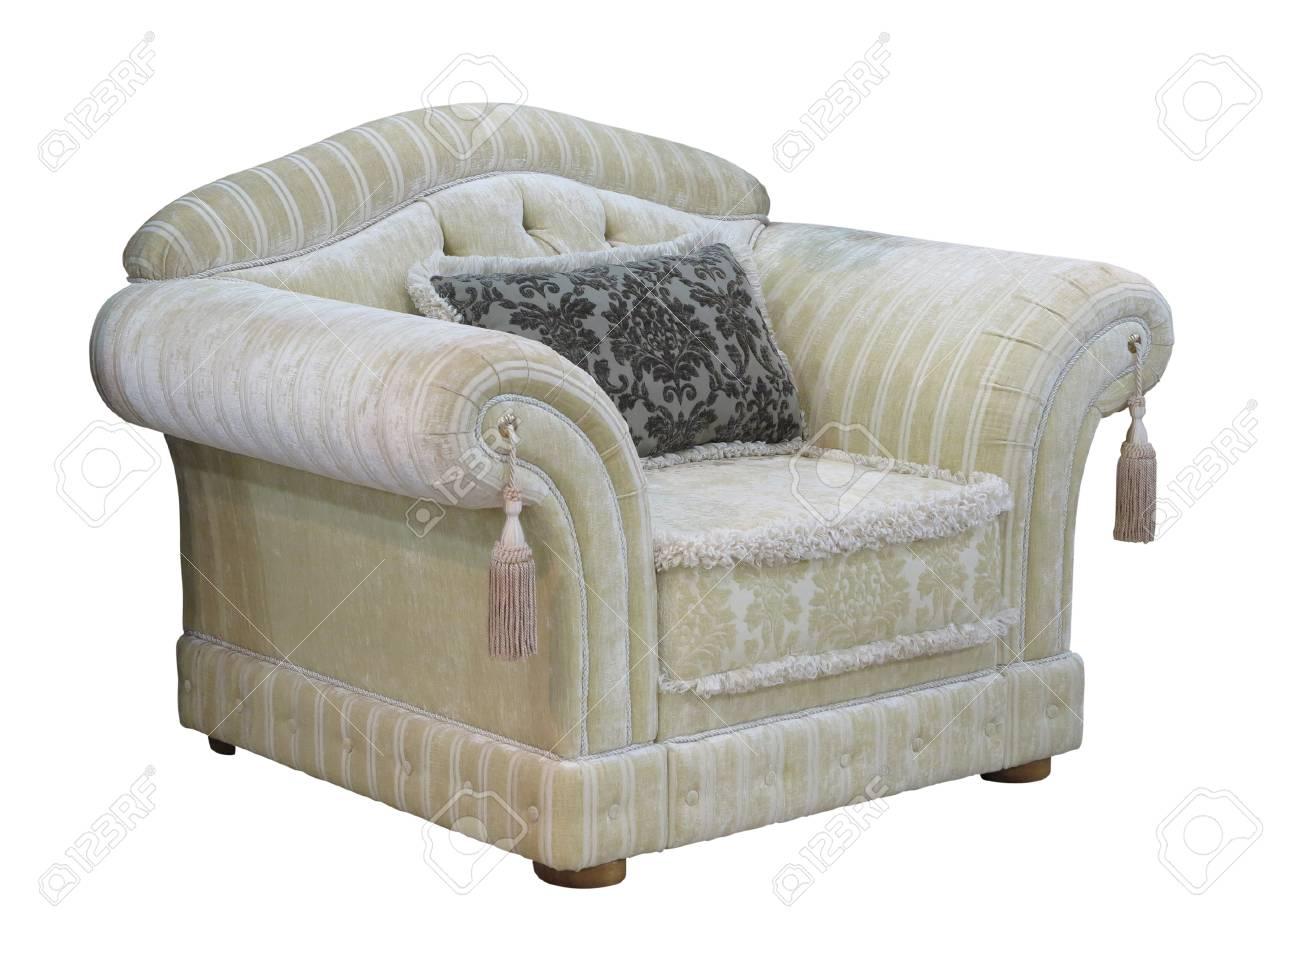 Sedie Depoca : Retro sedia depoca di lusso classico isolato su sfondo bianco foto